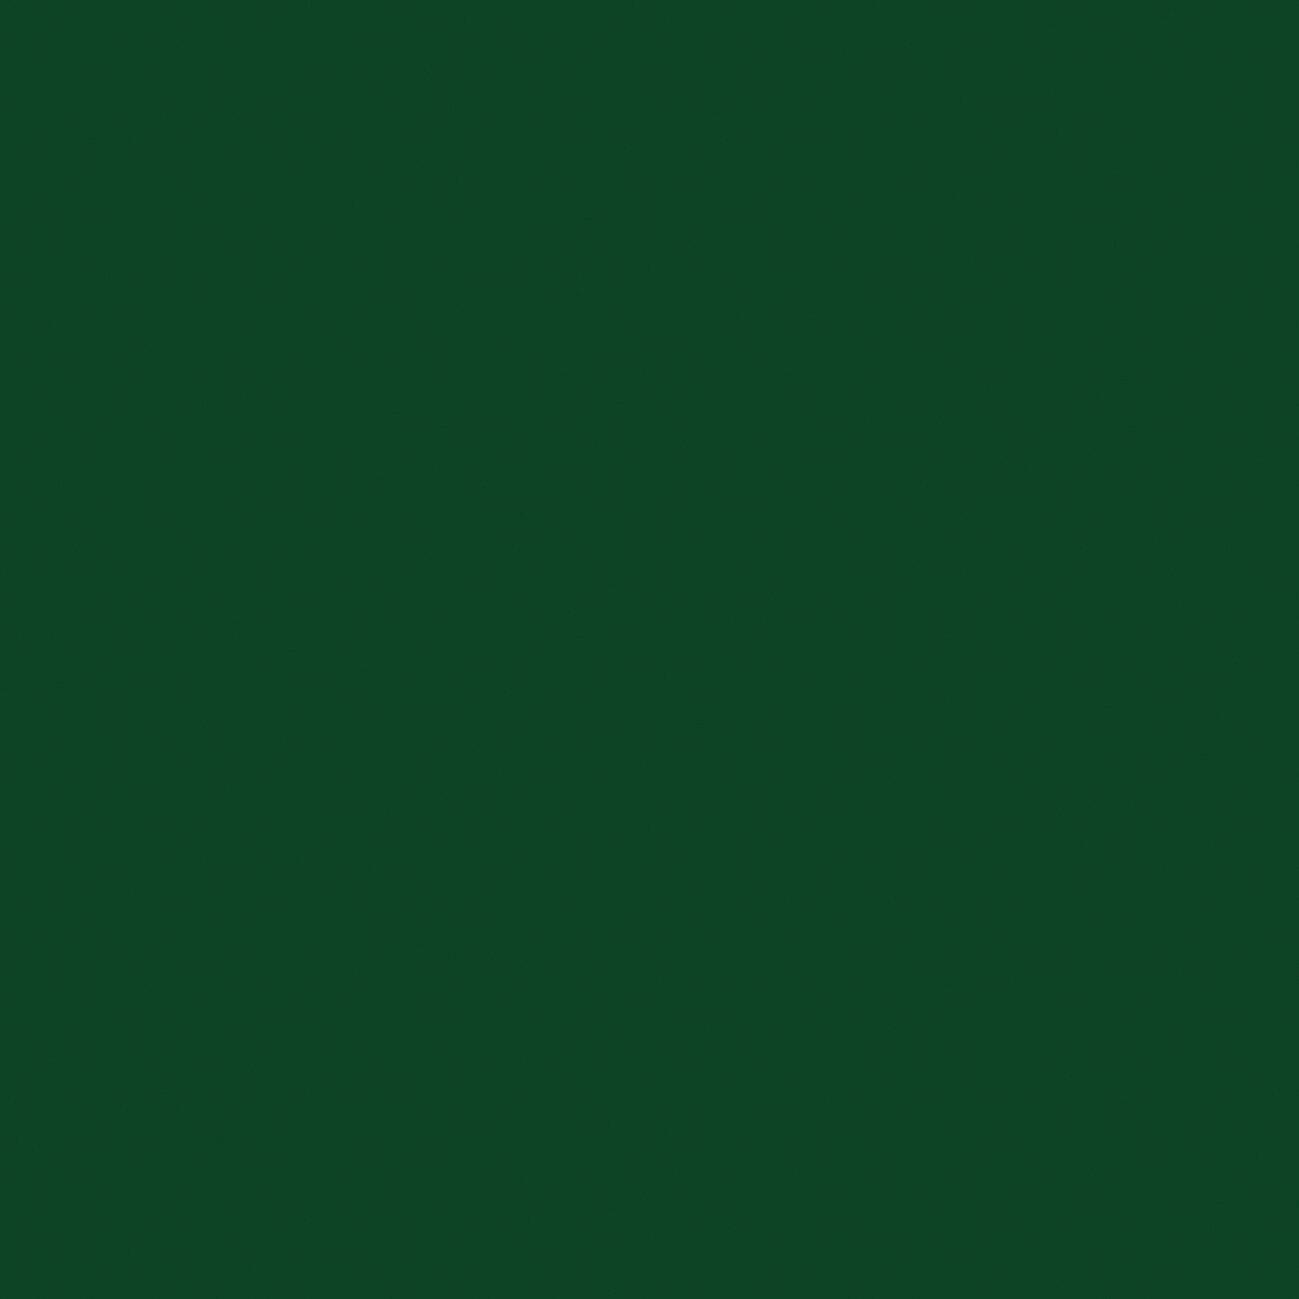 Smalto antiruggine BOERO FAI DA TE verde impero 0.5 L - 3